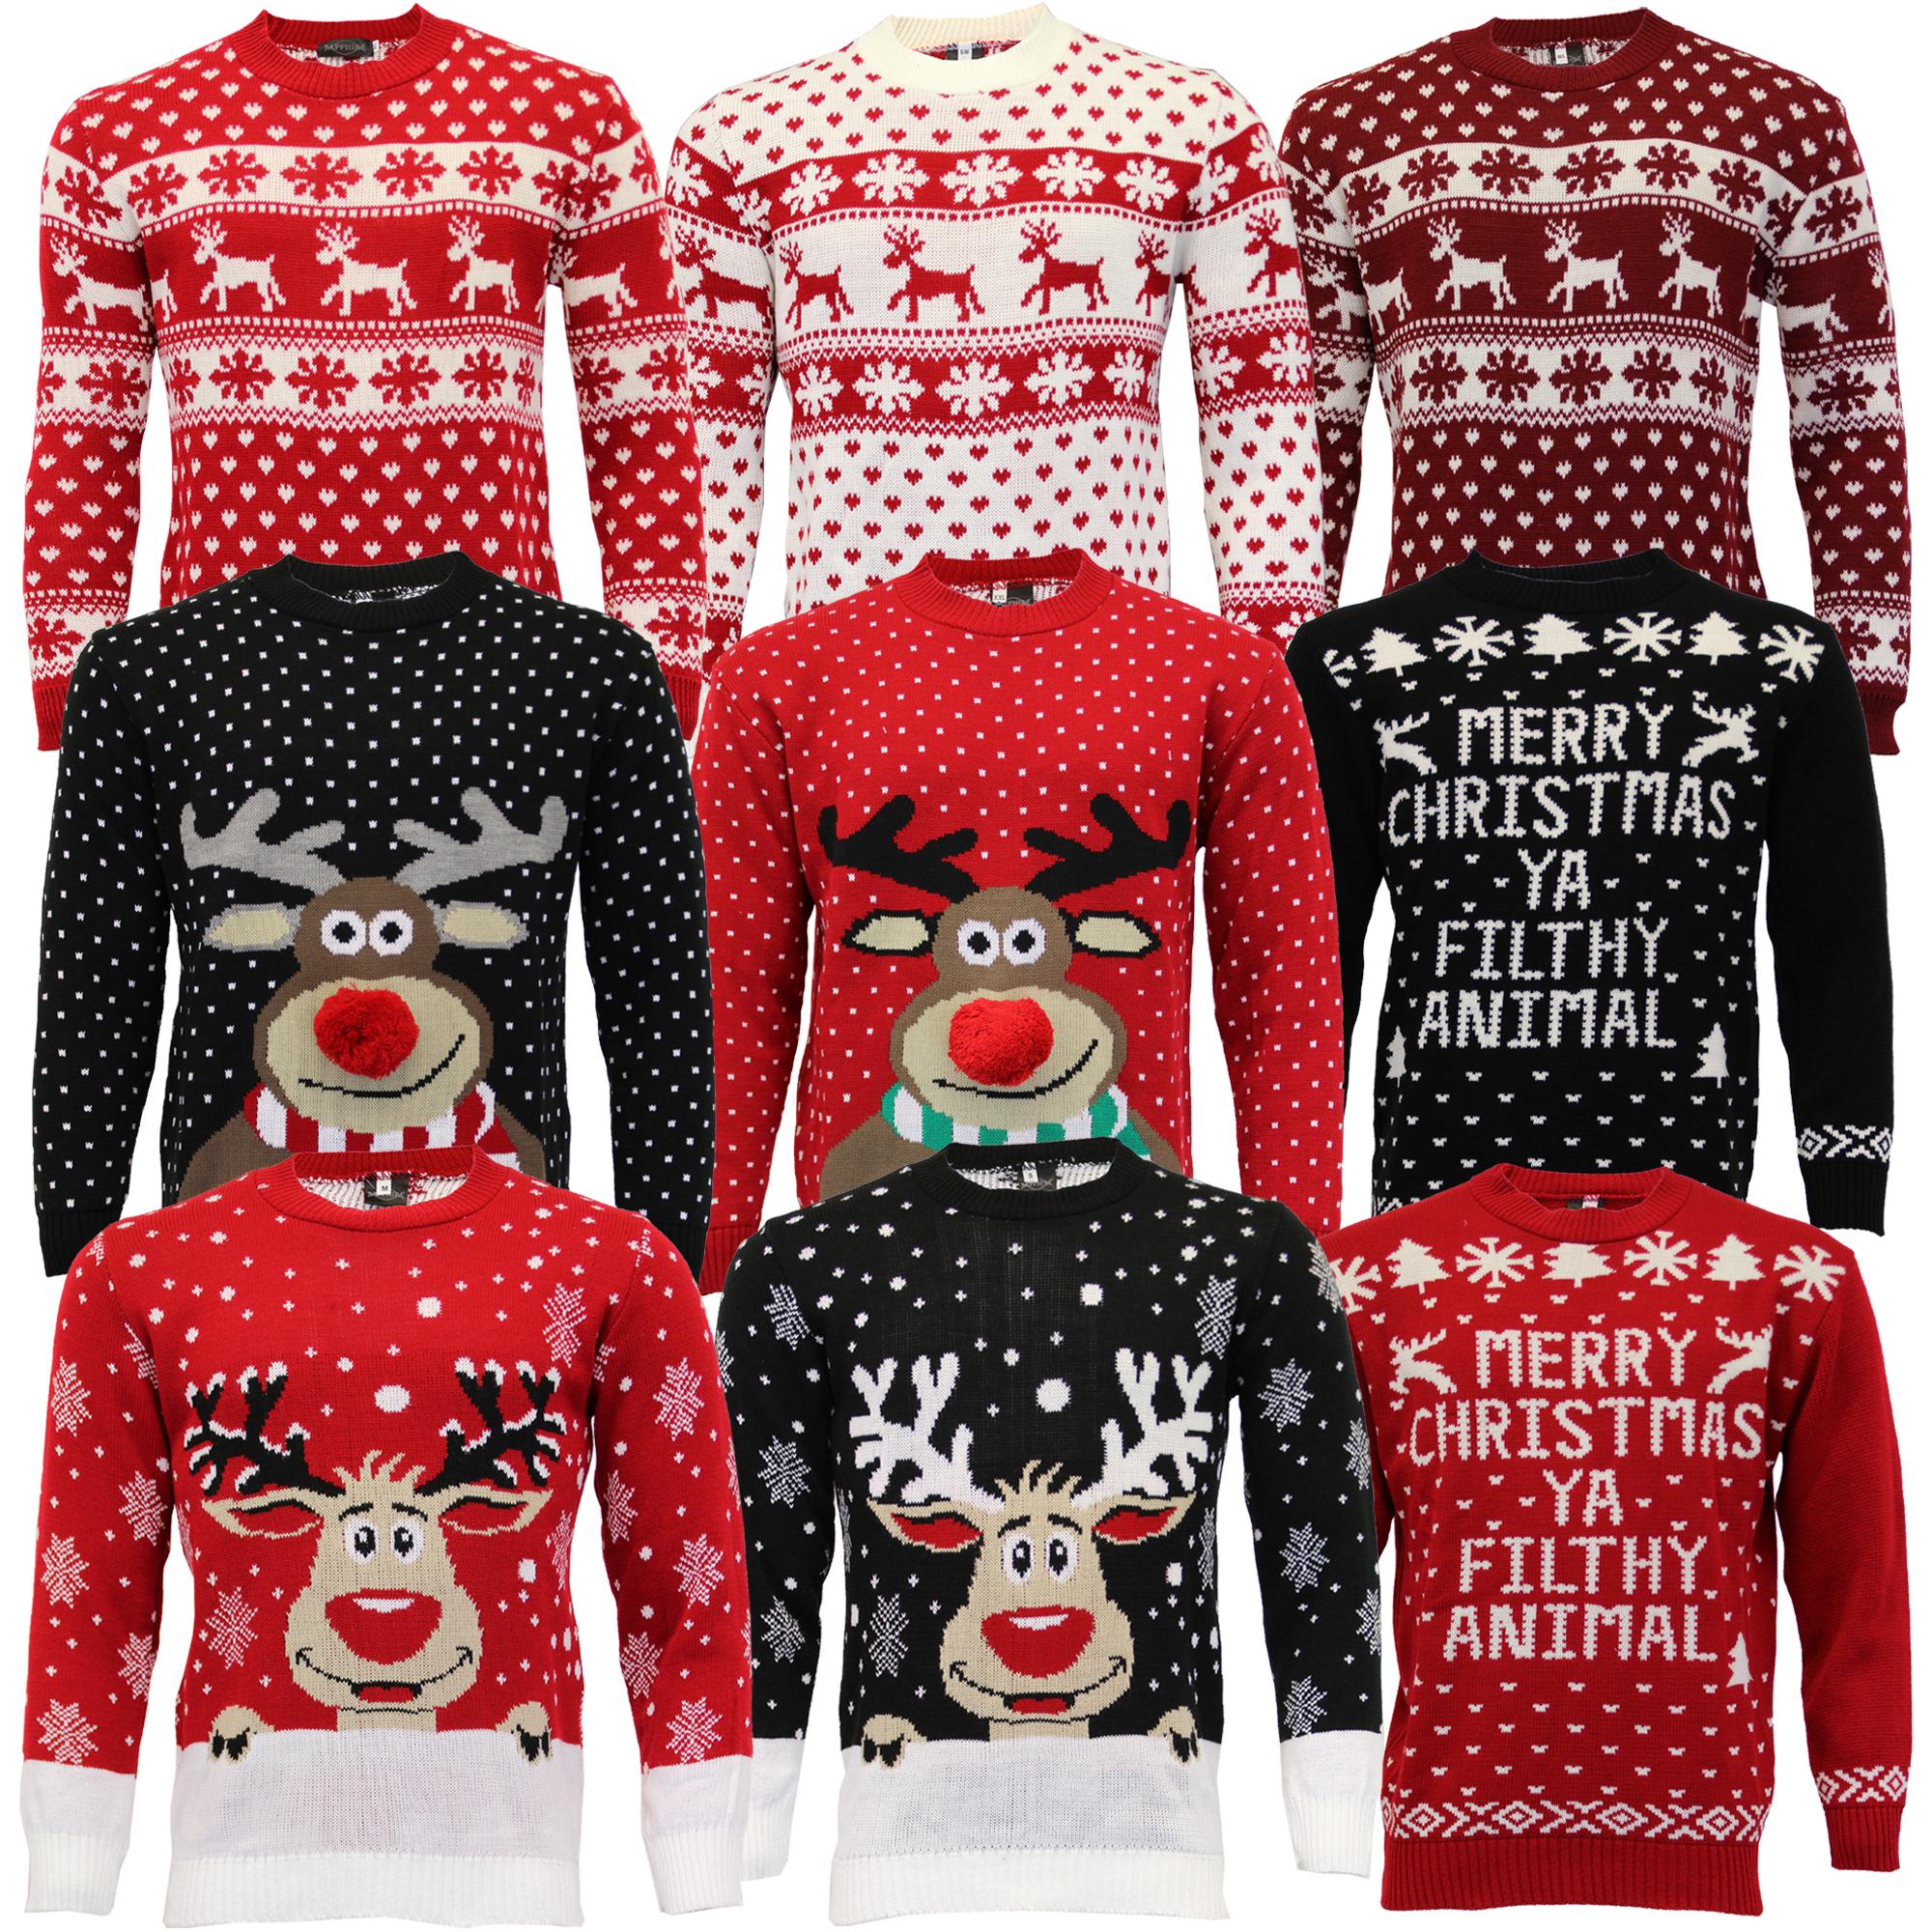 Jersey-Para-Hombre-Damas-Navidad-Navidad-Rudolf-Reno-Pom-Pom-Novedad-De-Punto-De-Invierno miniatura 4